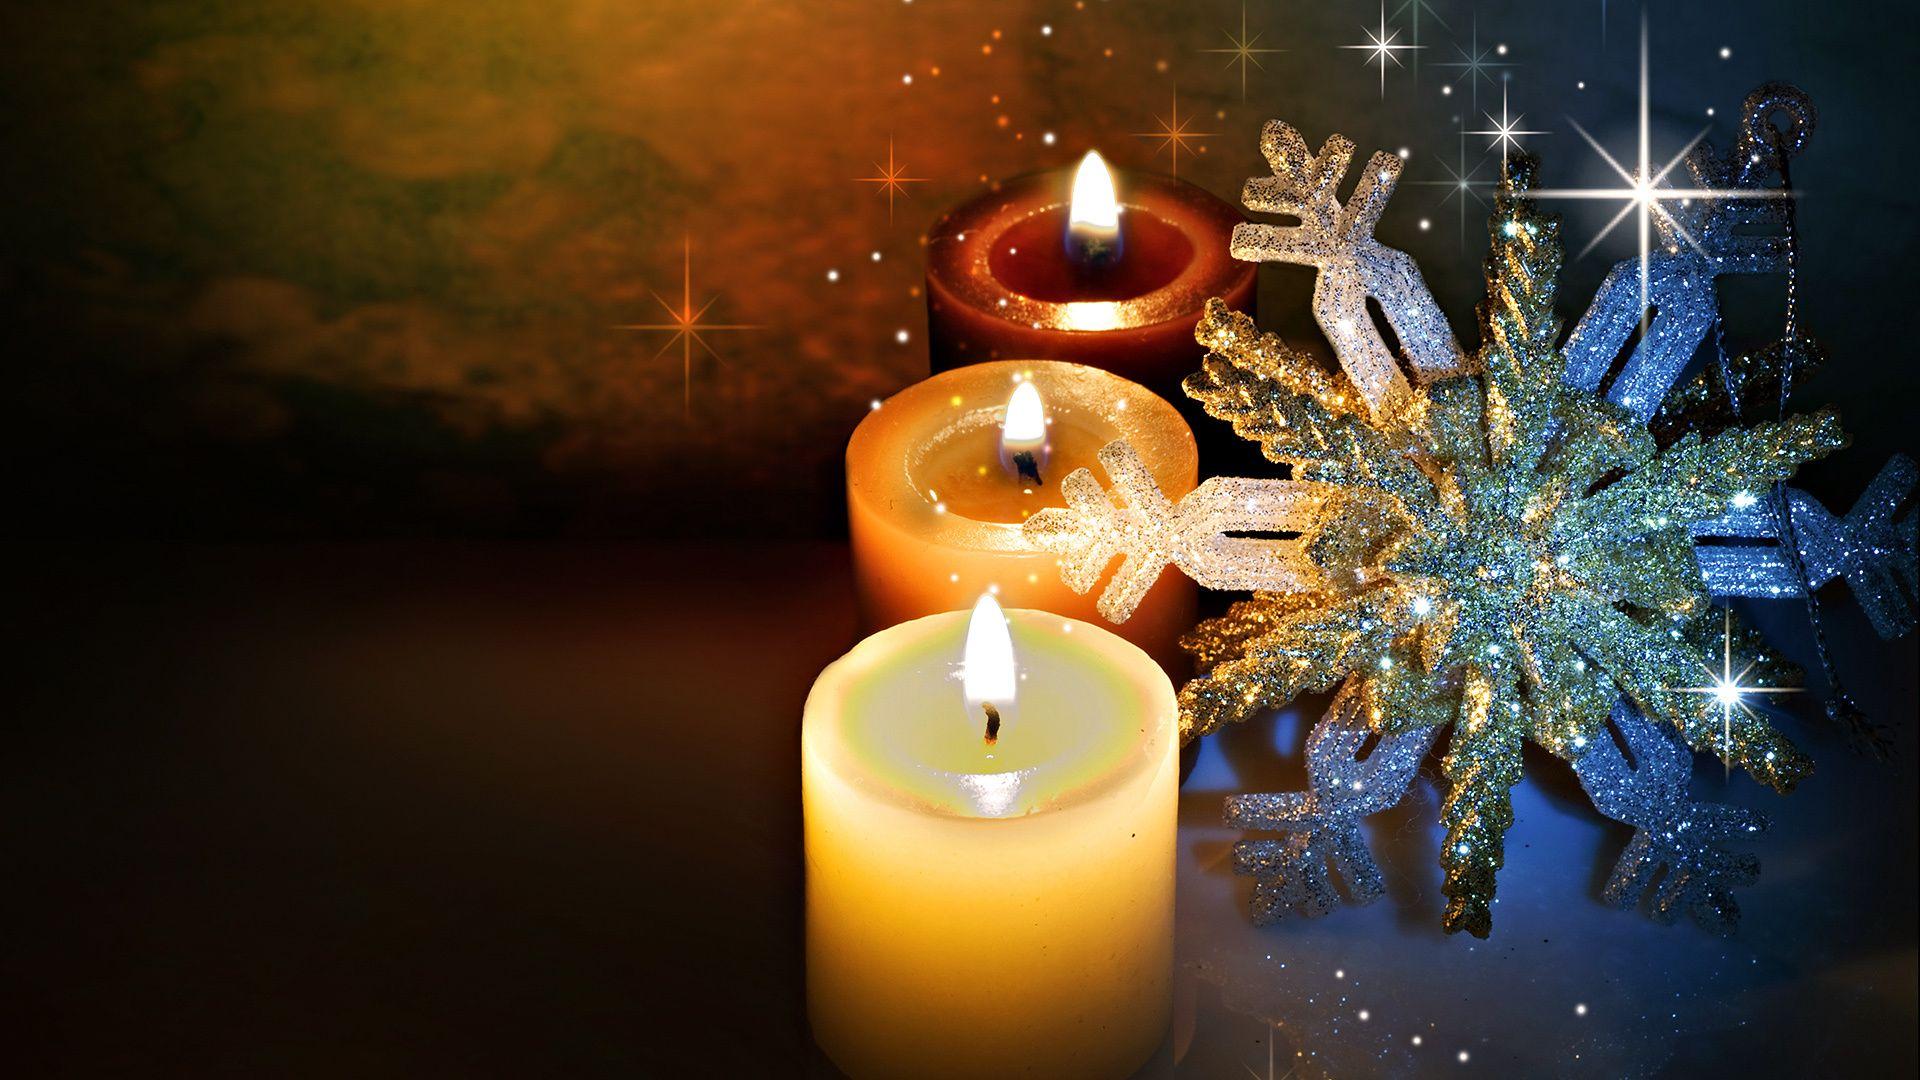 #휴일, #양초, #섬광, #설화, #빛, #저녁, #겨울, #불